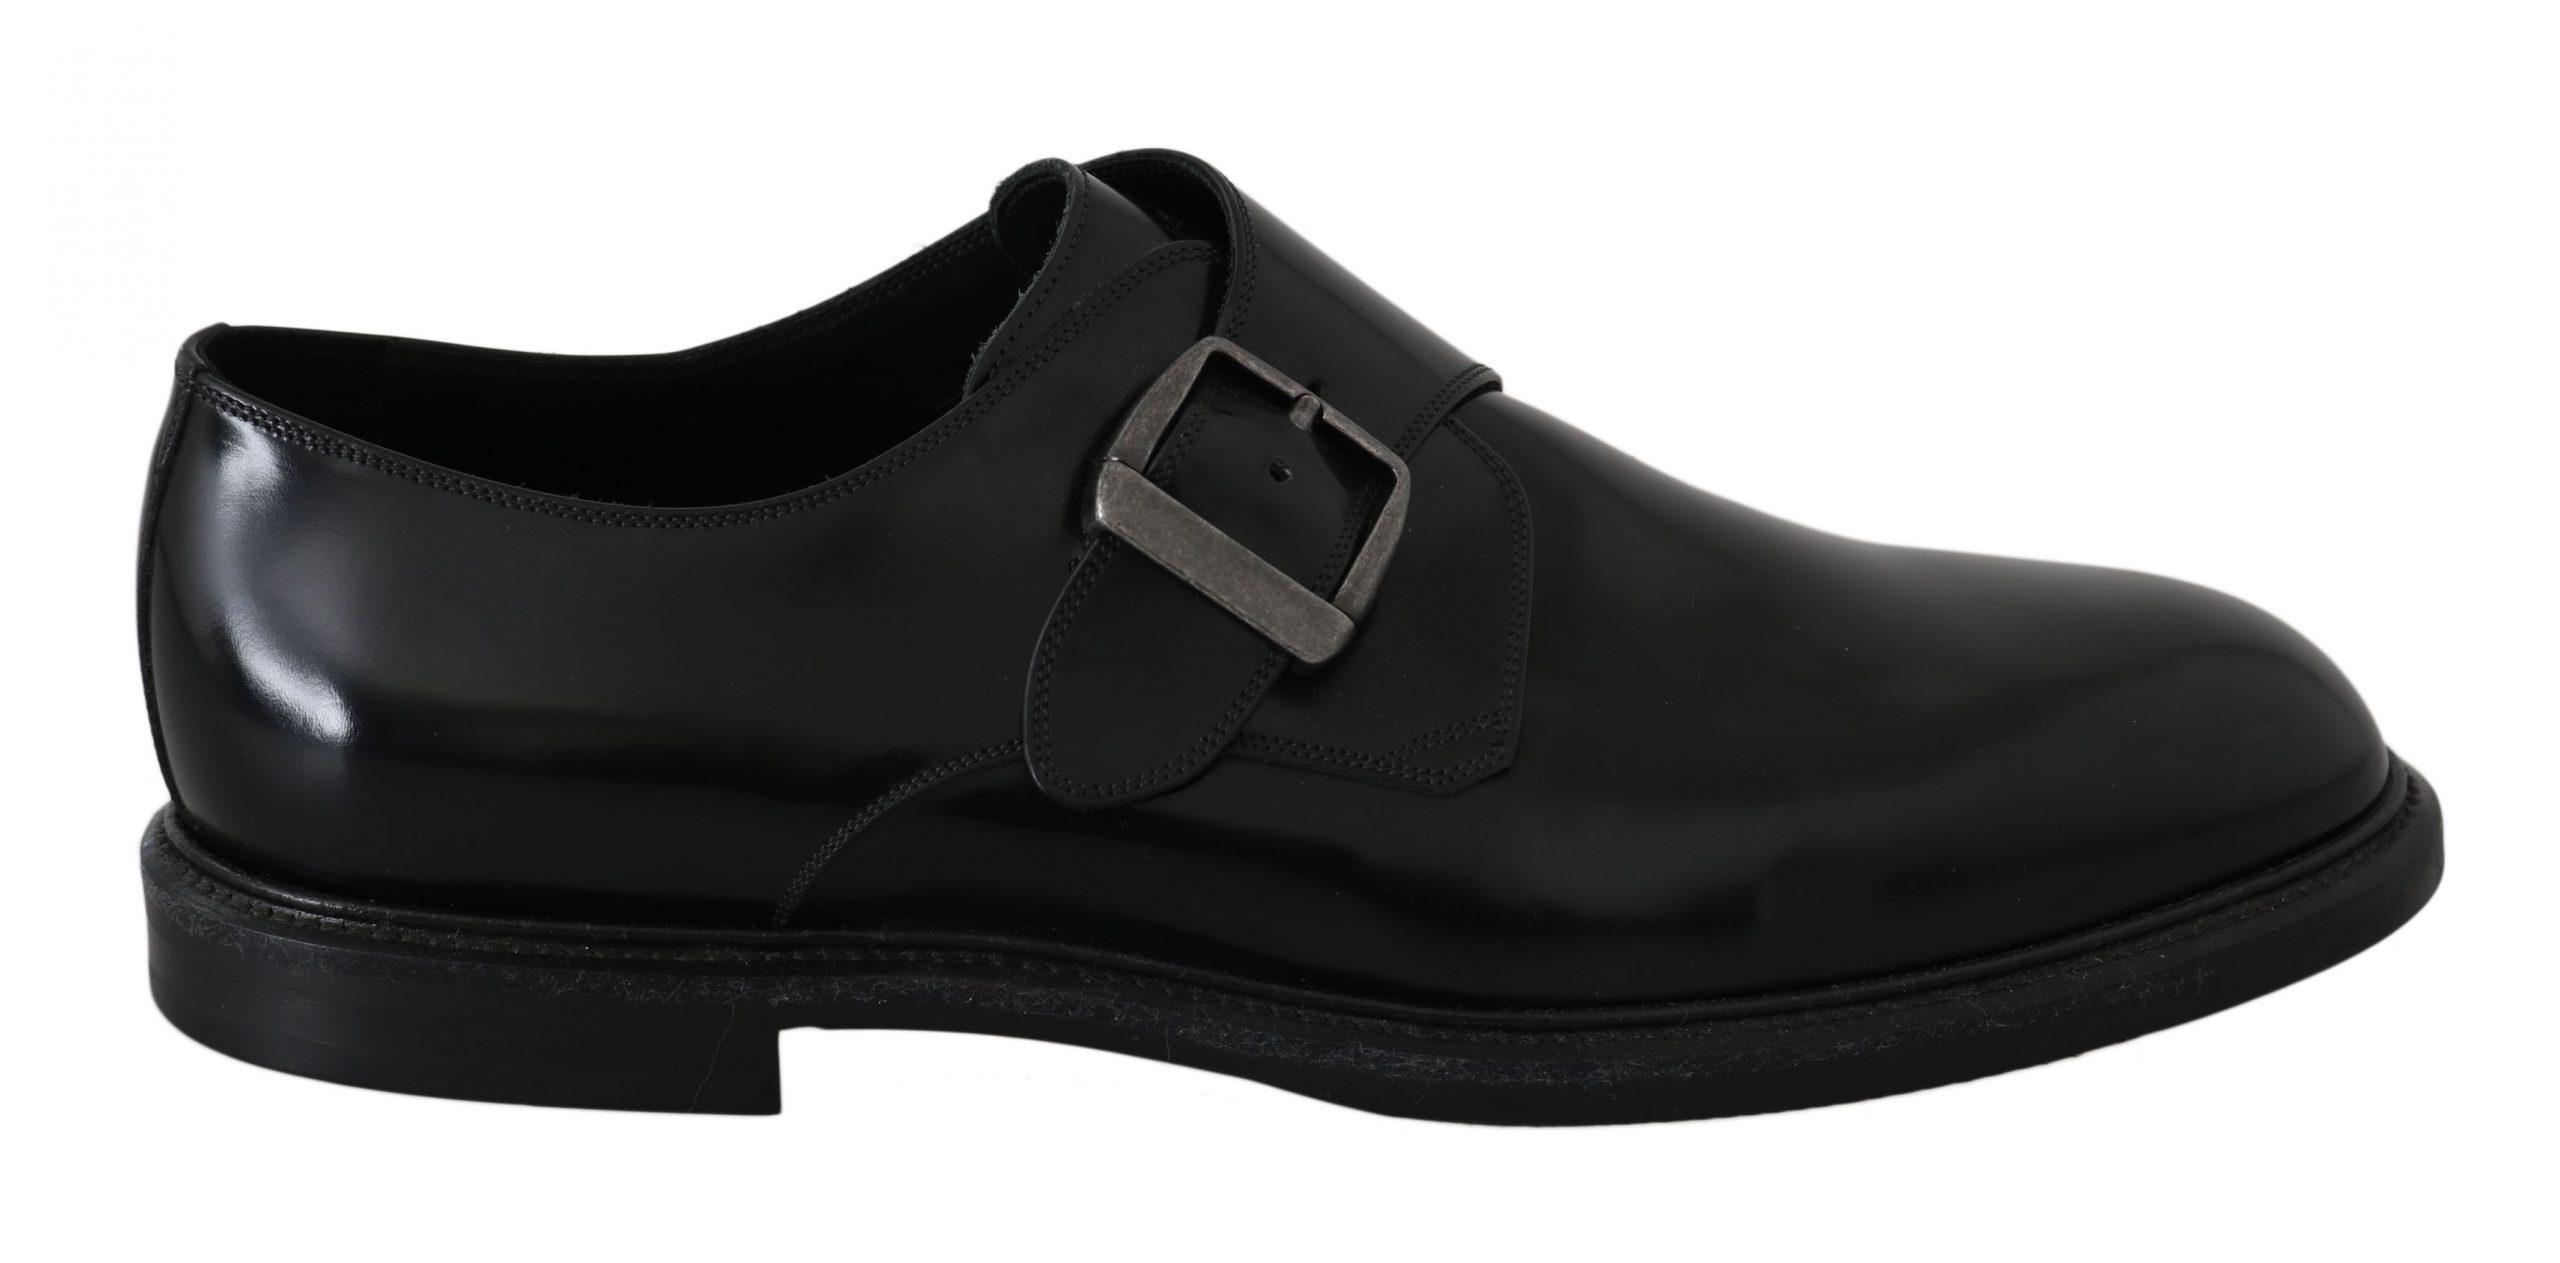 Dolce & Gabbana Men's Shoes Black MV2312 - EU39/US6